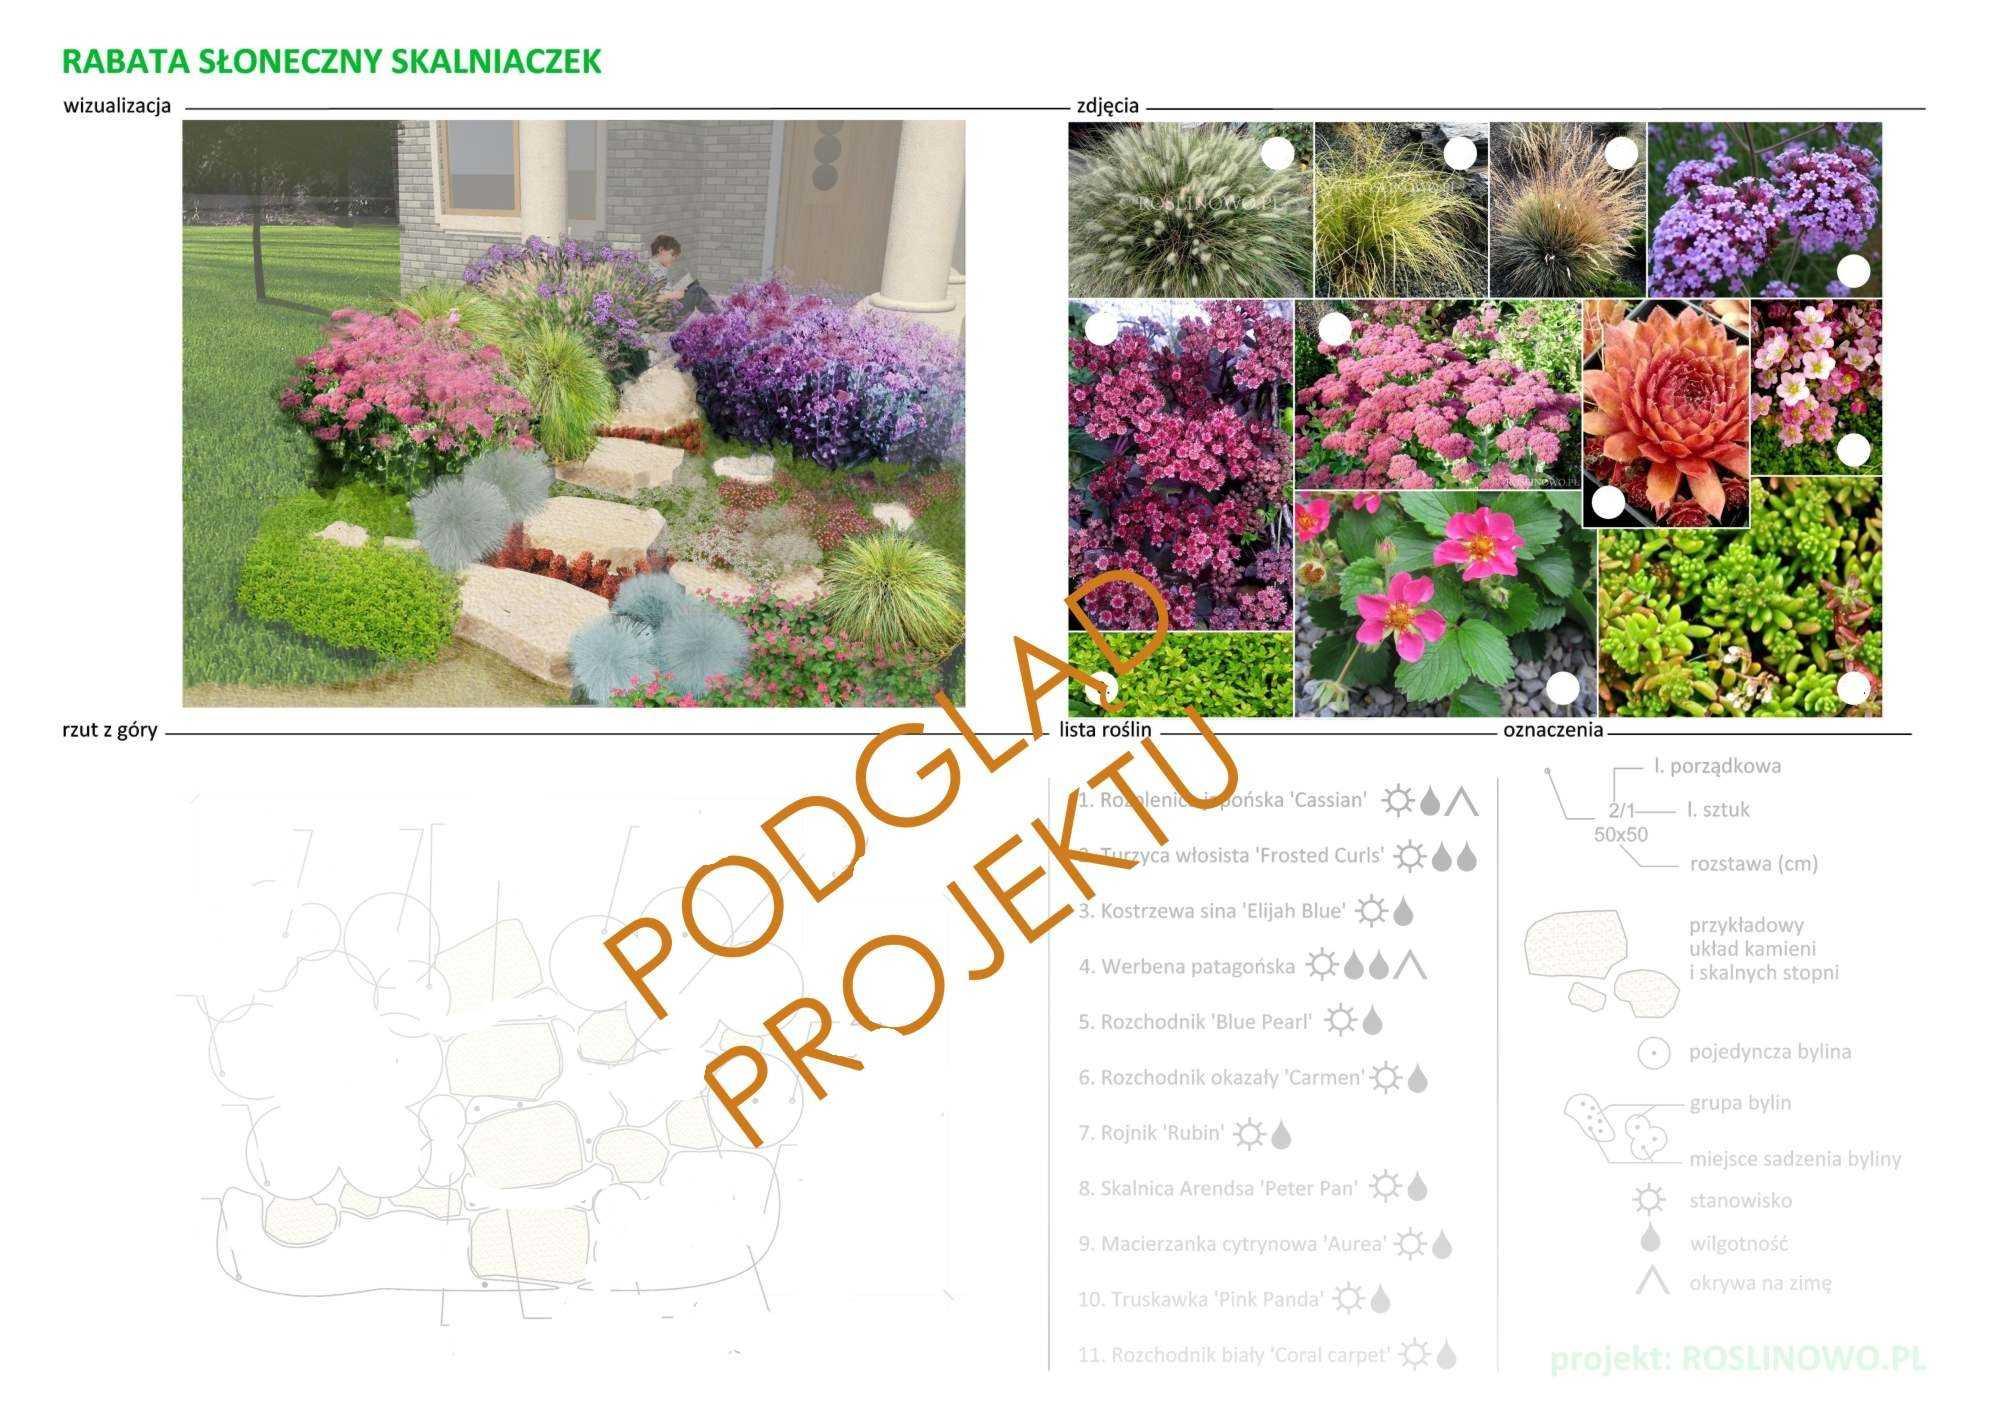 projekt nasadzeń roślin do rabaty słoneczny skalniaczek